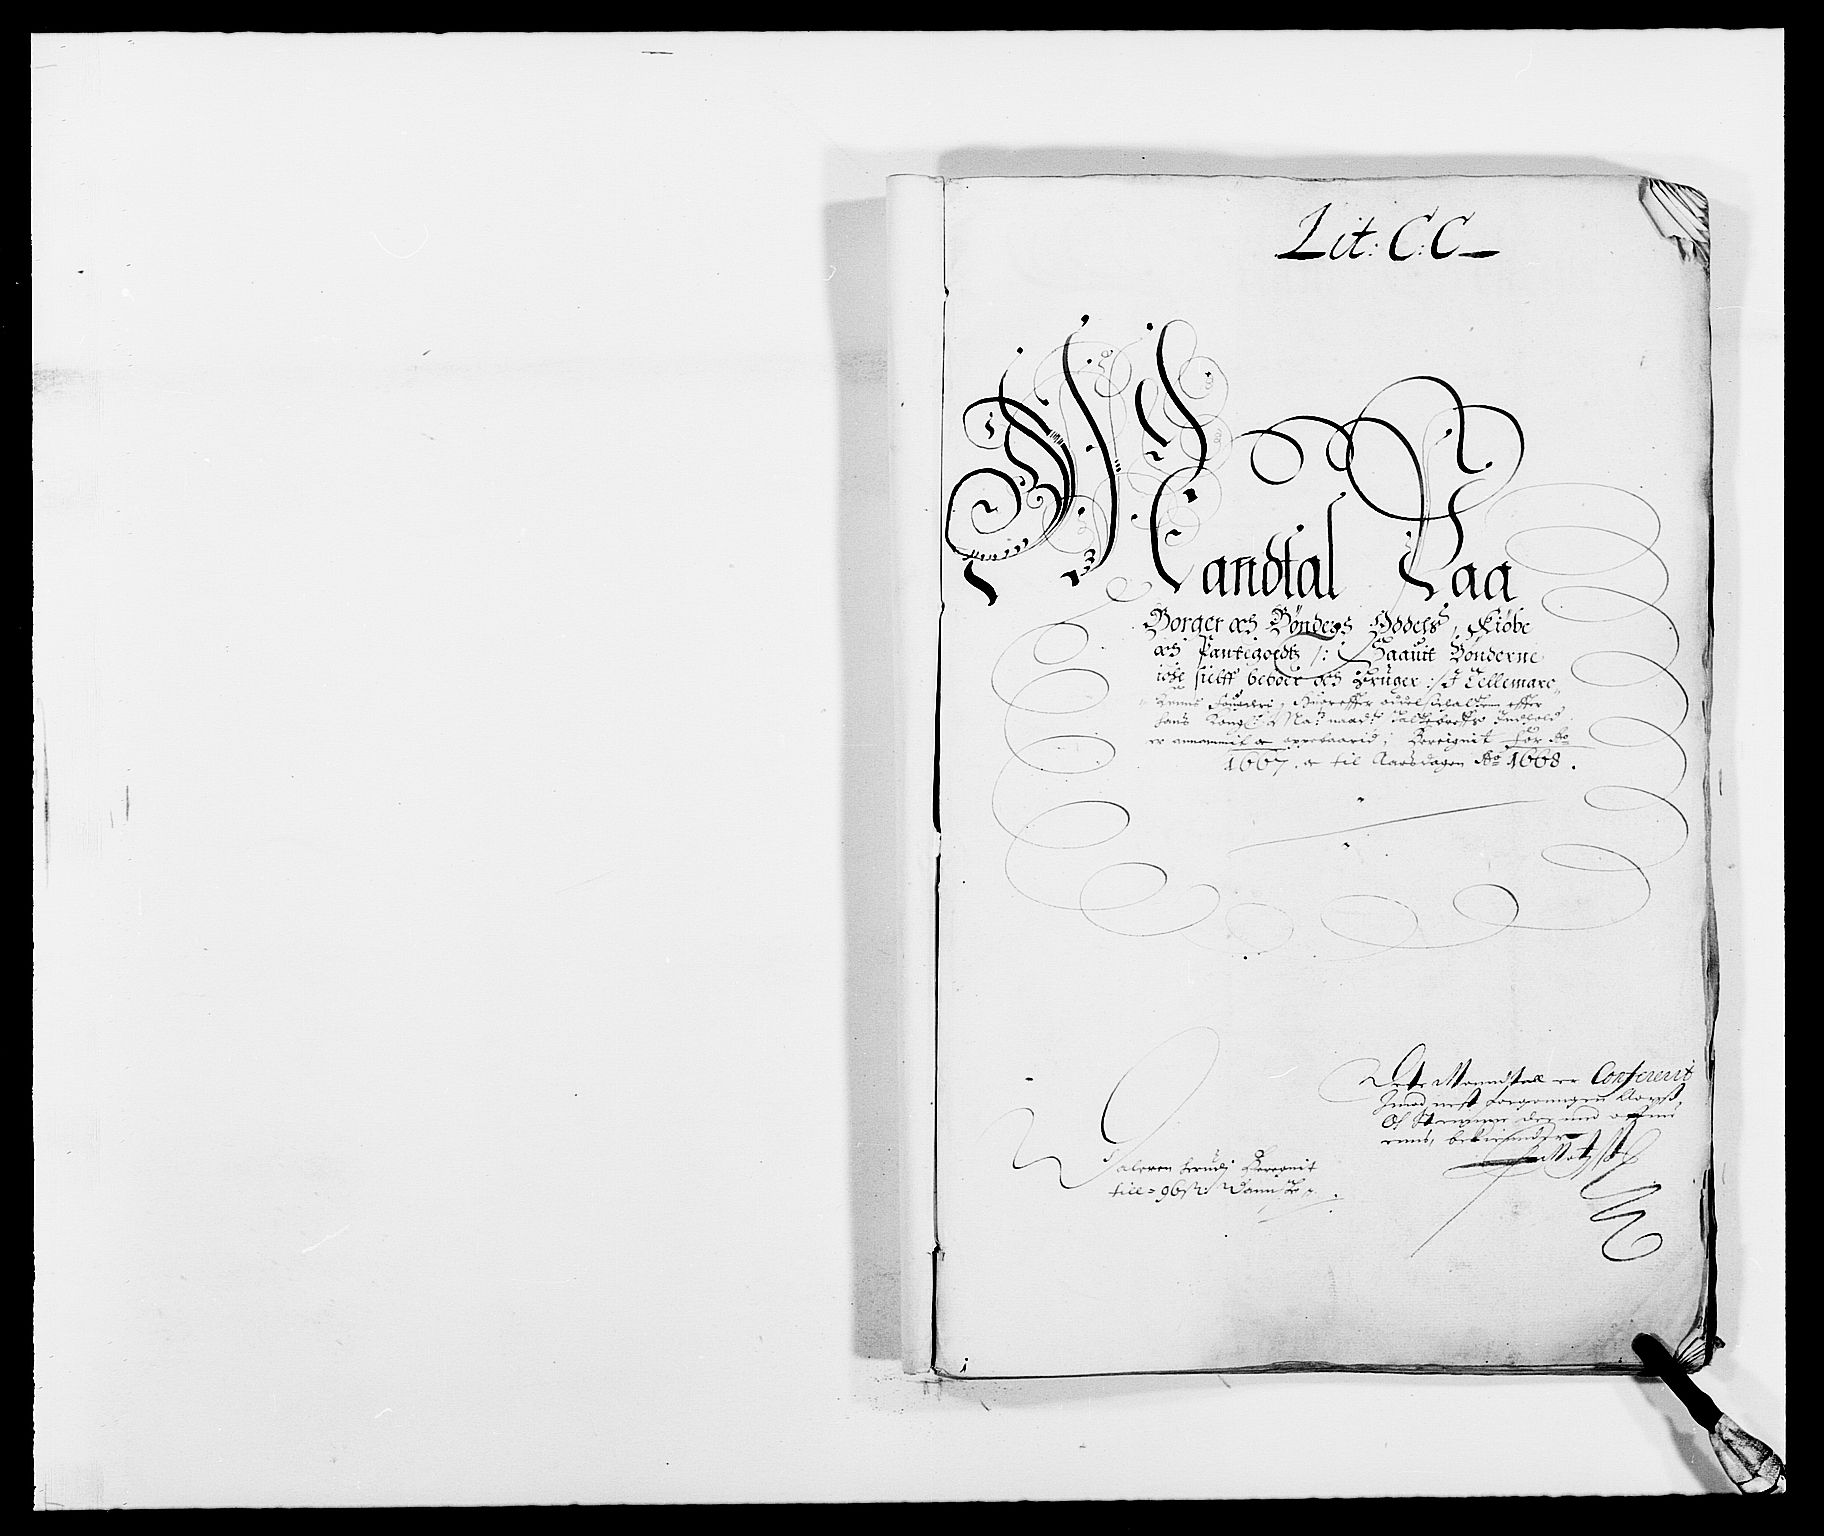 RA, Rentekammeret inntil 1814, Reviderte regnskaper, Fogderegnskap, R35/L2057: Fogderegnskap Øvre og Nedre Telemark, 1666-1667, s. 290